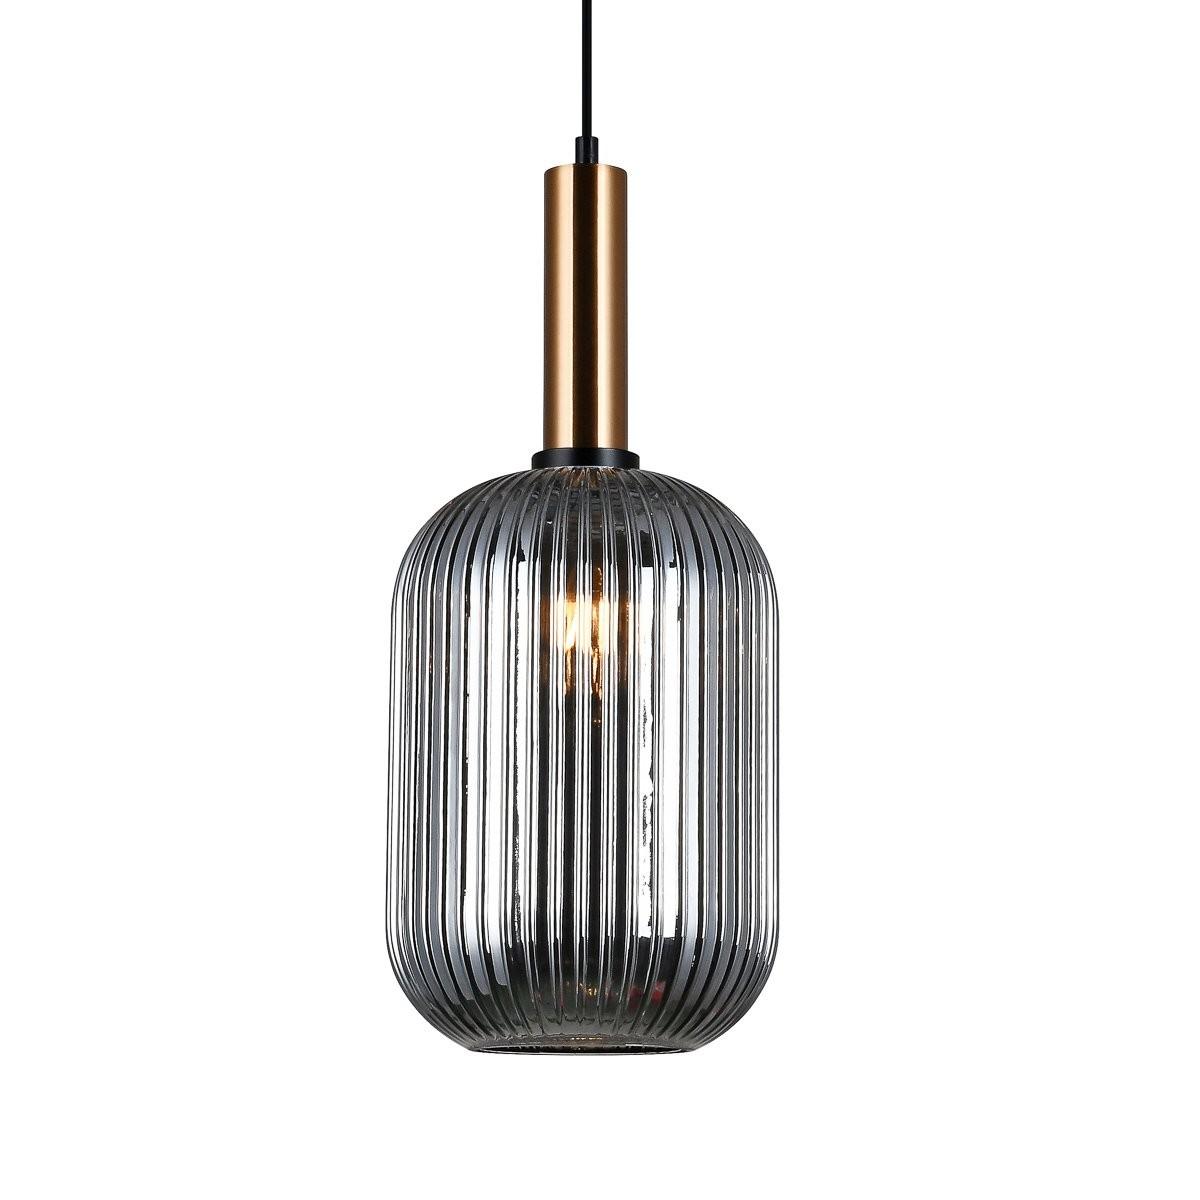 Italux PND-5588-1L-BRO+SG závěsné stropní svítidlo Antiola 1x40W | E27 - mosaz, kouřová